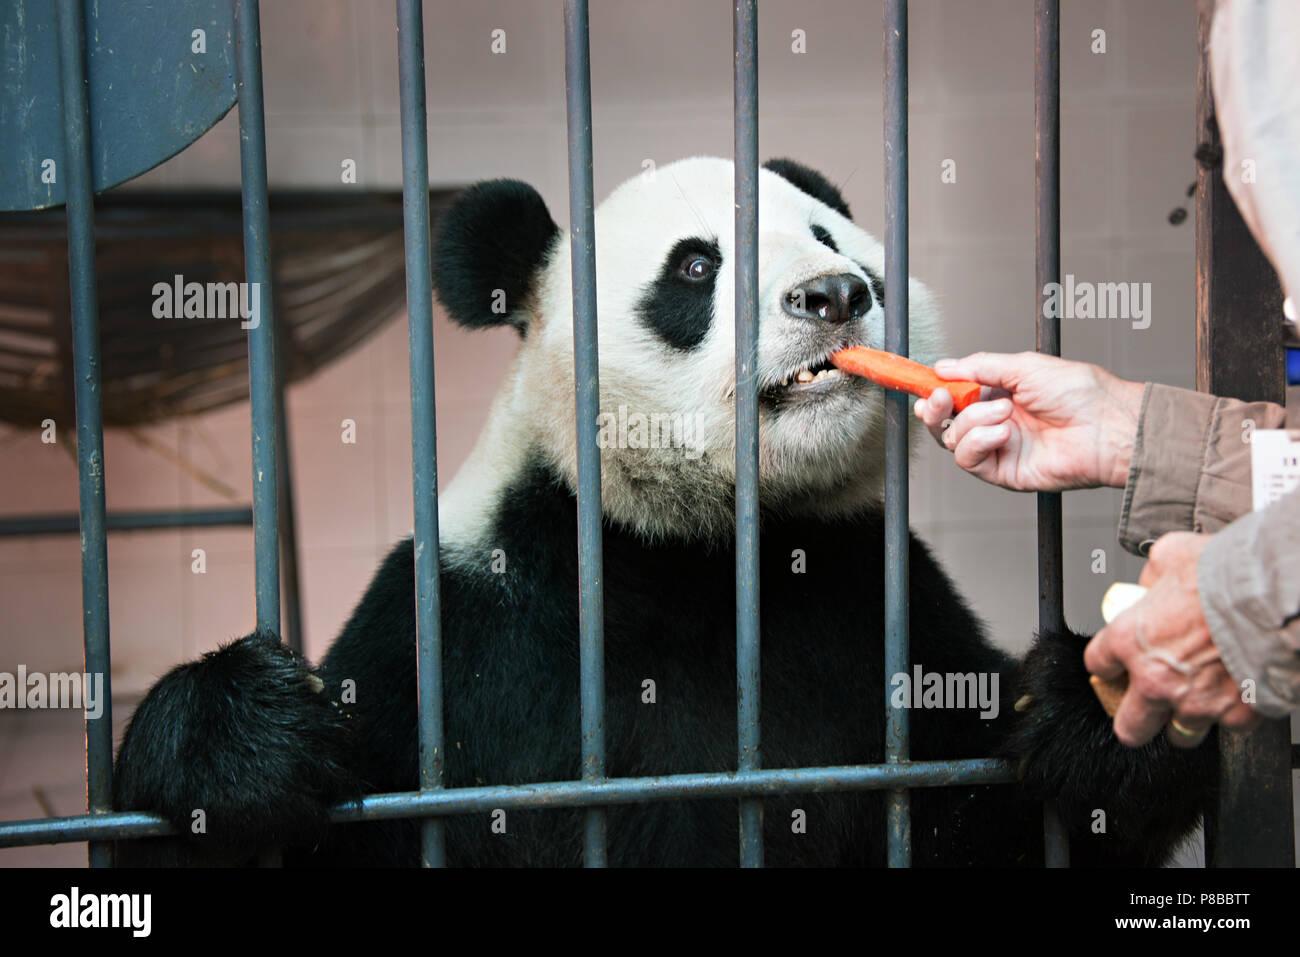 Una donna visitatore è l'alimentazione di un panda gigante a Chengdu centro di allevamento Immagini Stock